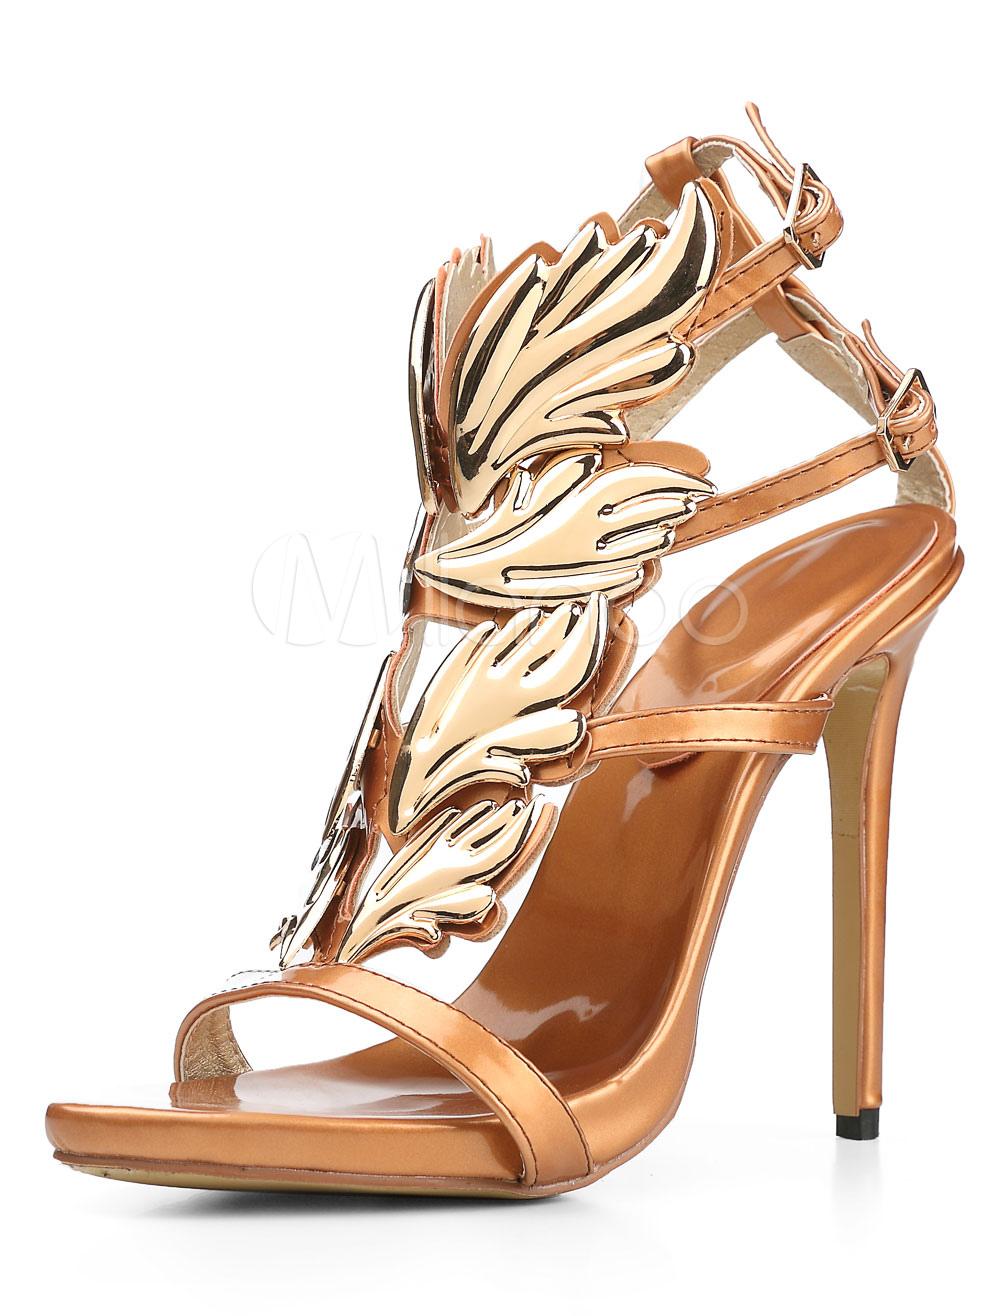 Sandales à Bride en T de grande taille ornement métallique mode